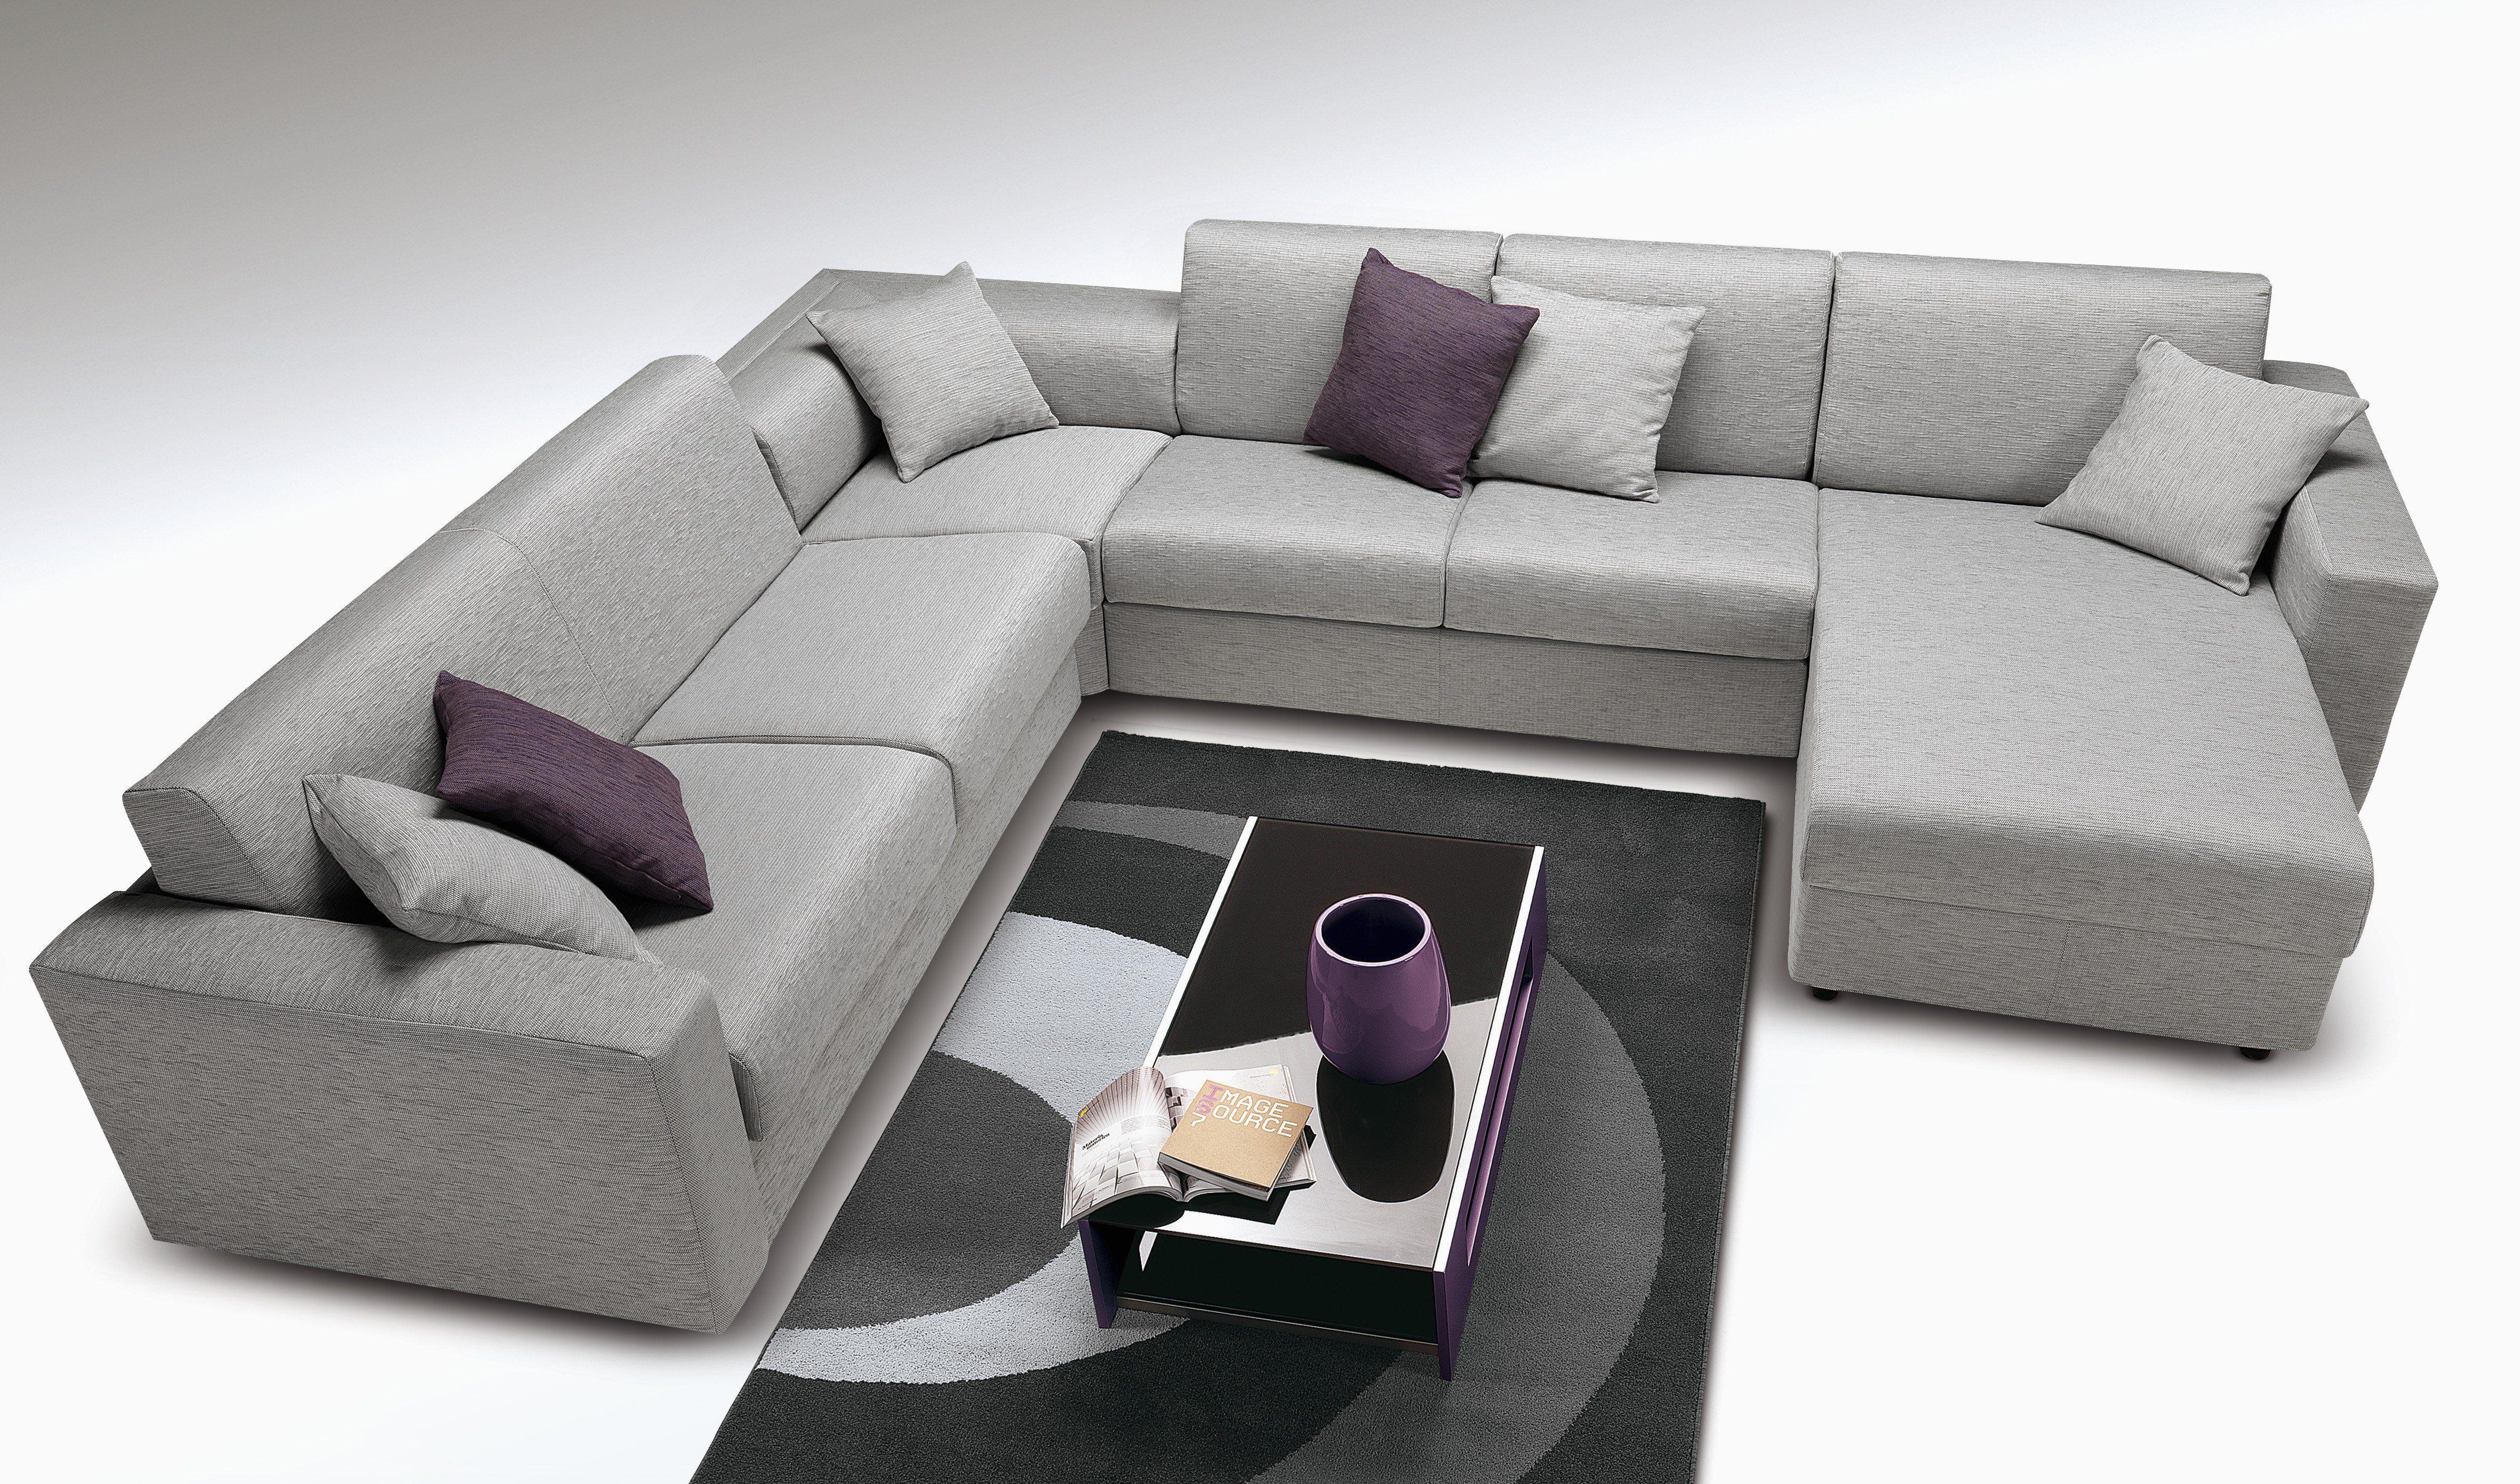 Lit Superposé Avec Canapé Frais Lit Canapé Gigogne Unique Canapé Lit Design – Arturotoscanini